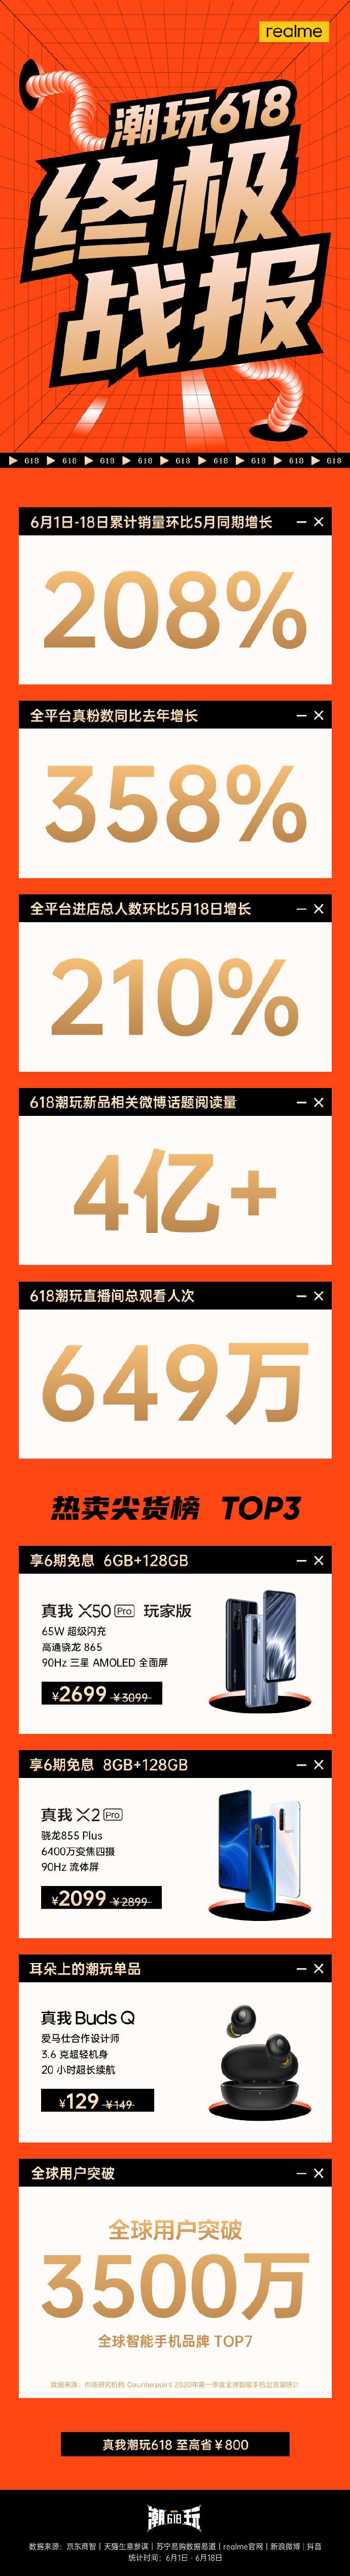 realme 618战报